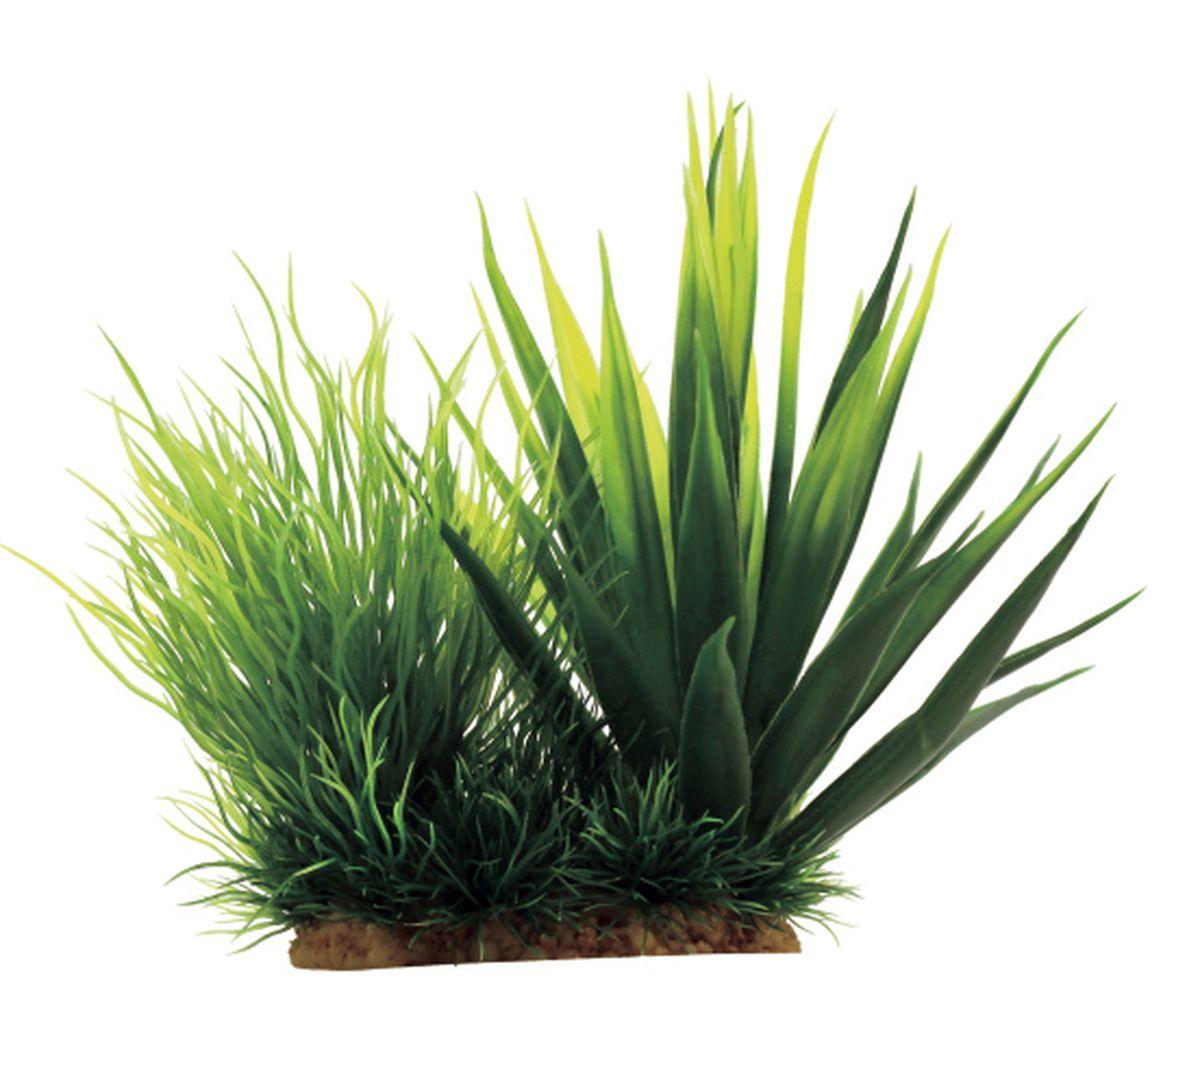 Растение для аквариума ArtUniq Агава, 18 x 12 x 16 смART-1130603Композиция из искусственных растений ArtUniq превосходно украсит и оживит аквариум.Растения - это важная часть любой композиции, они помогут вдохнуть жизнь в ландшафт любого аквариума или террариума. А их сходствос природными порадует даже самых взыскательных ценителей.